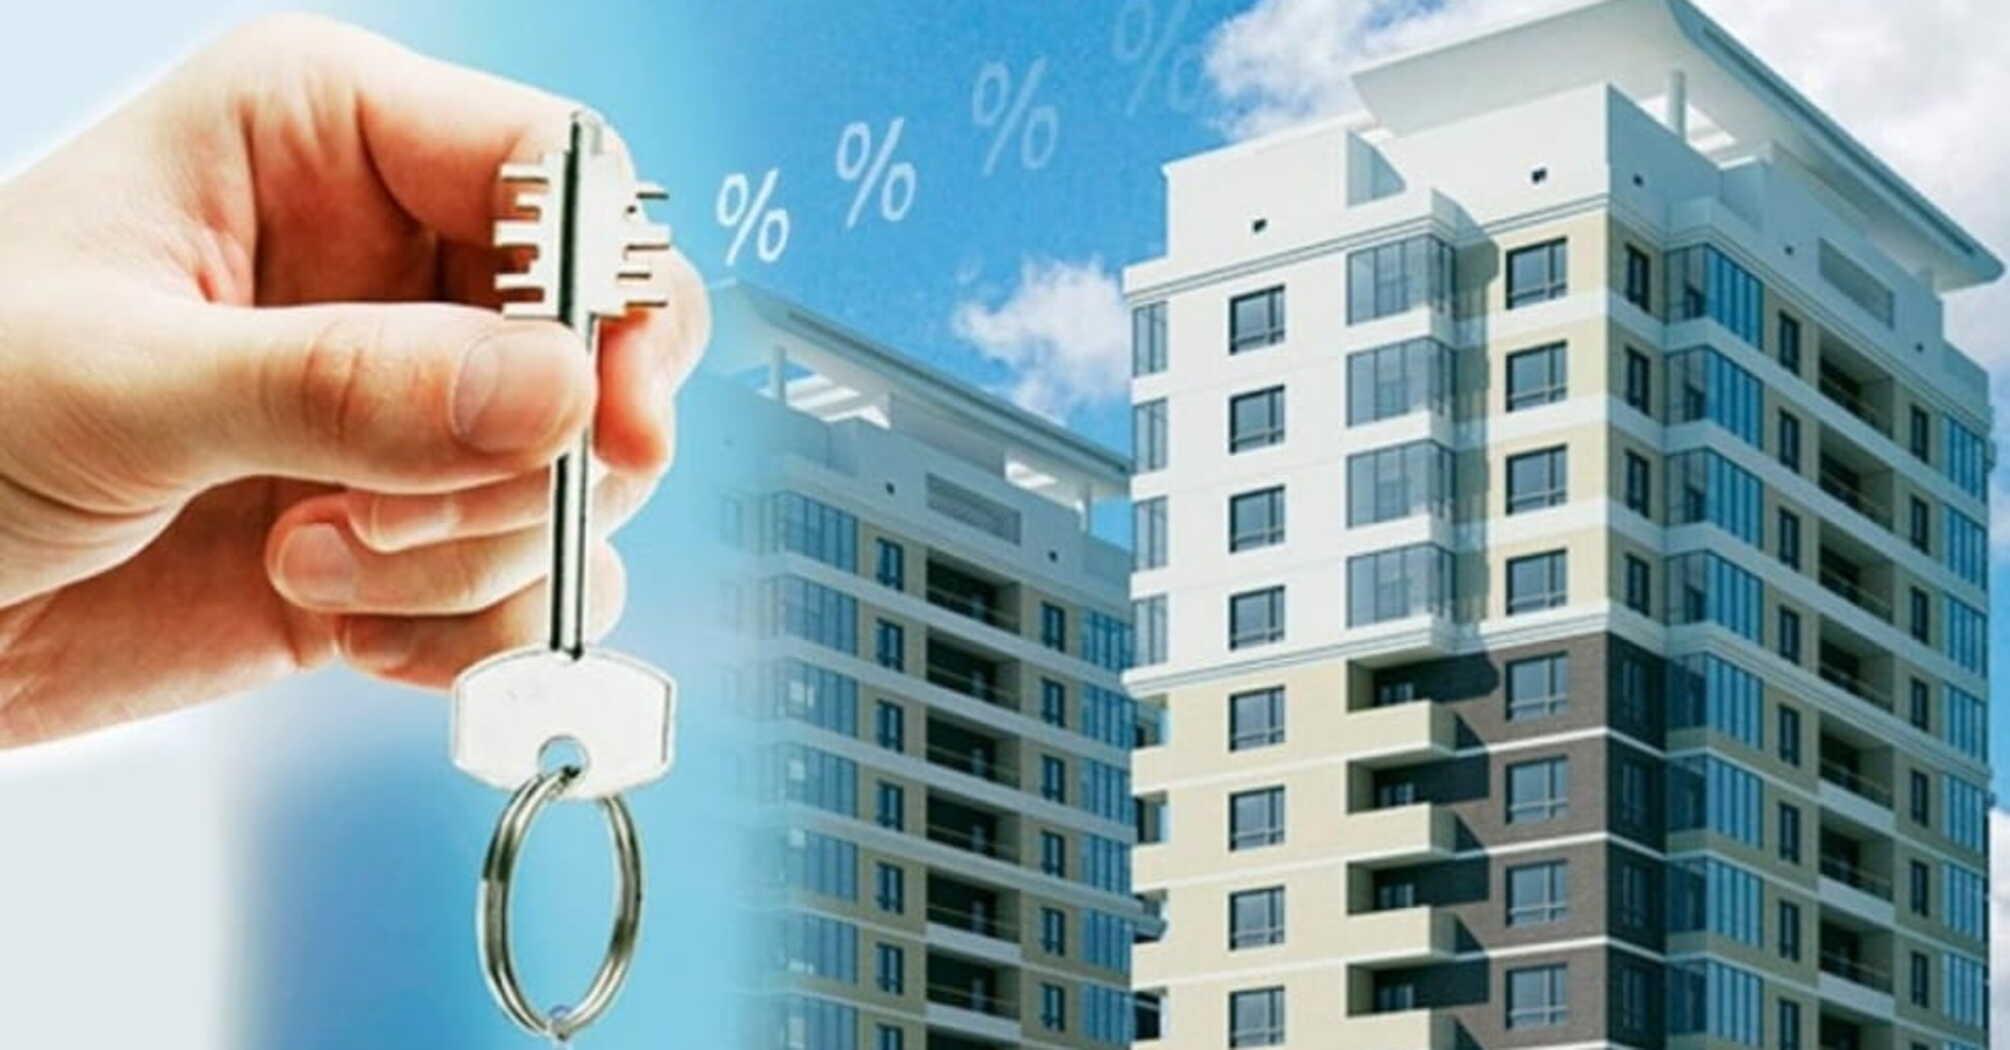 Як іпотека може стати інструментом розвитку економіки